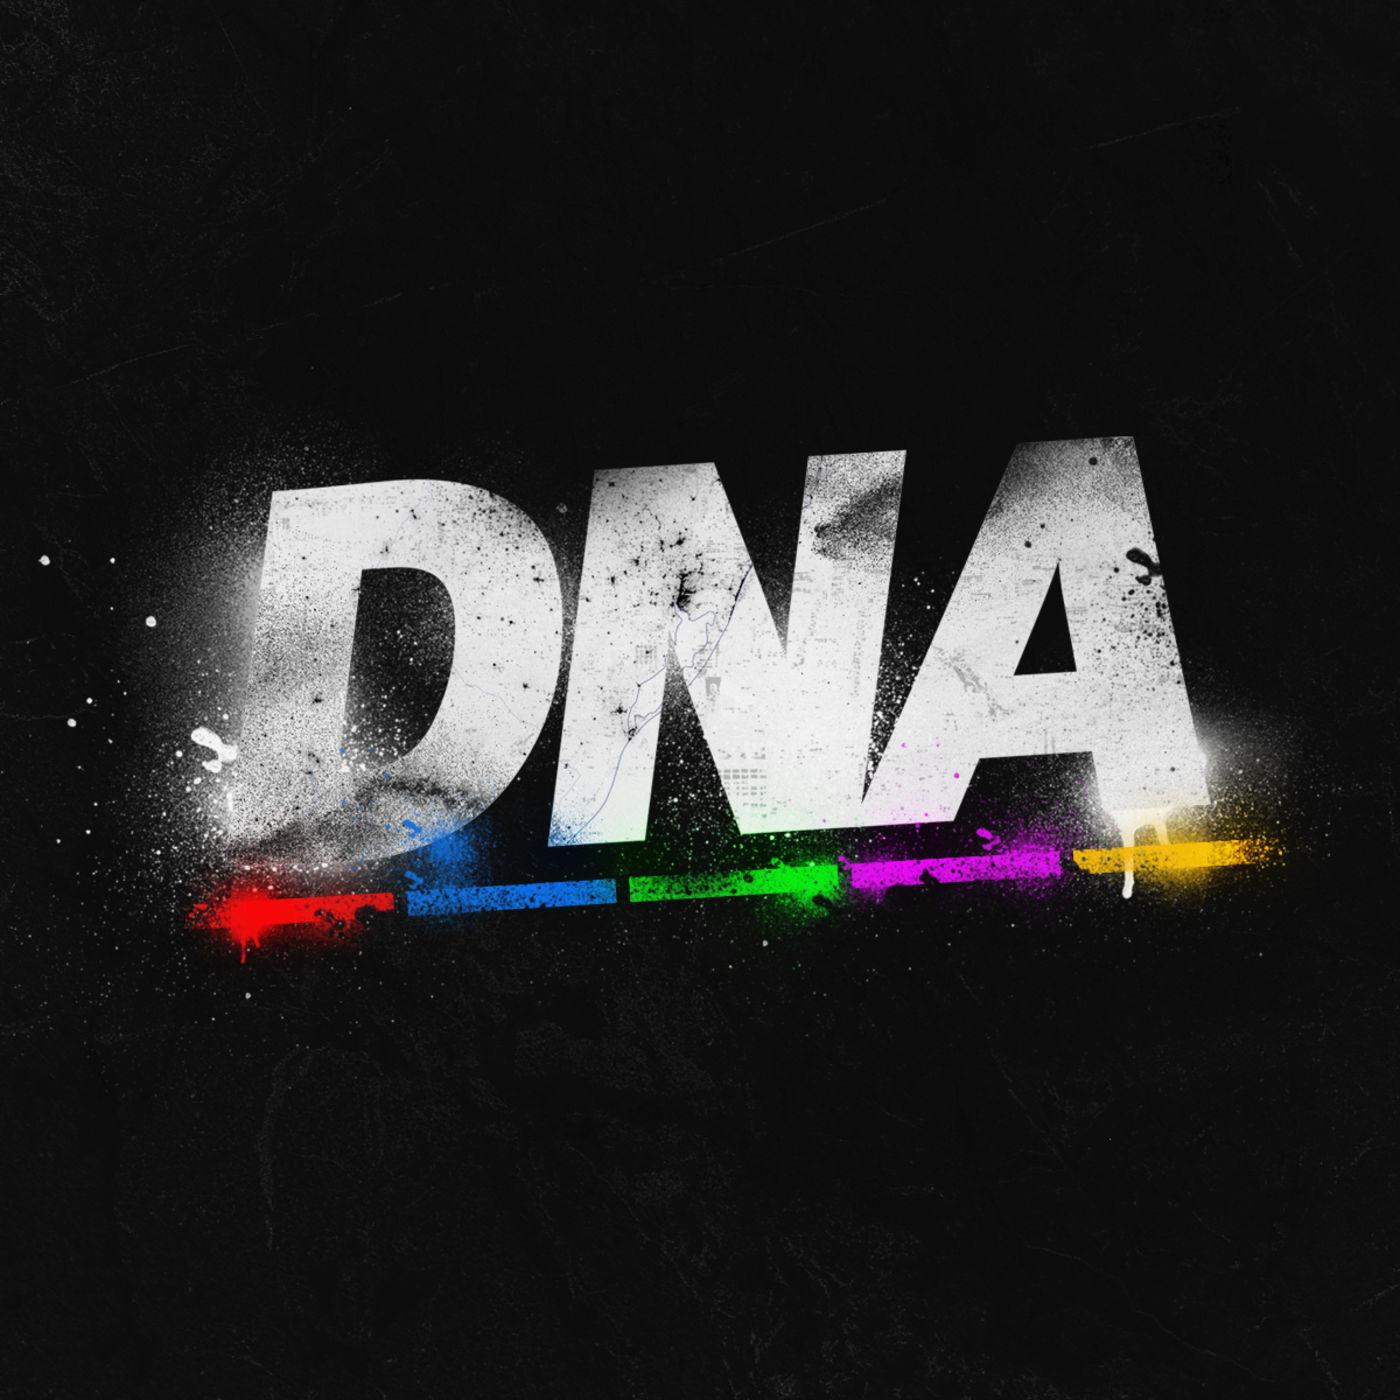 DNA #1 - Pursuing God